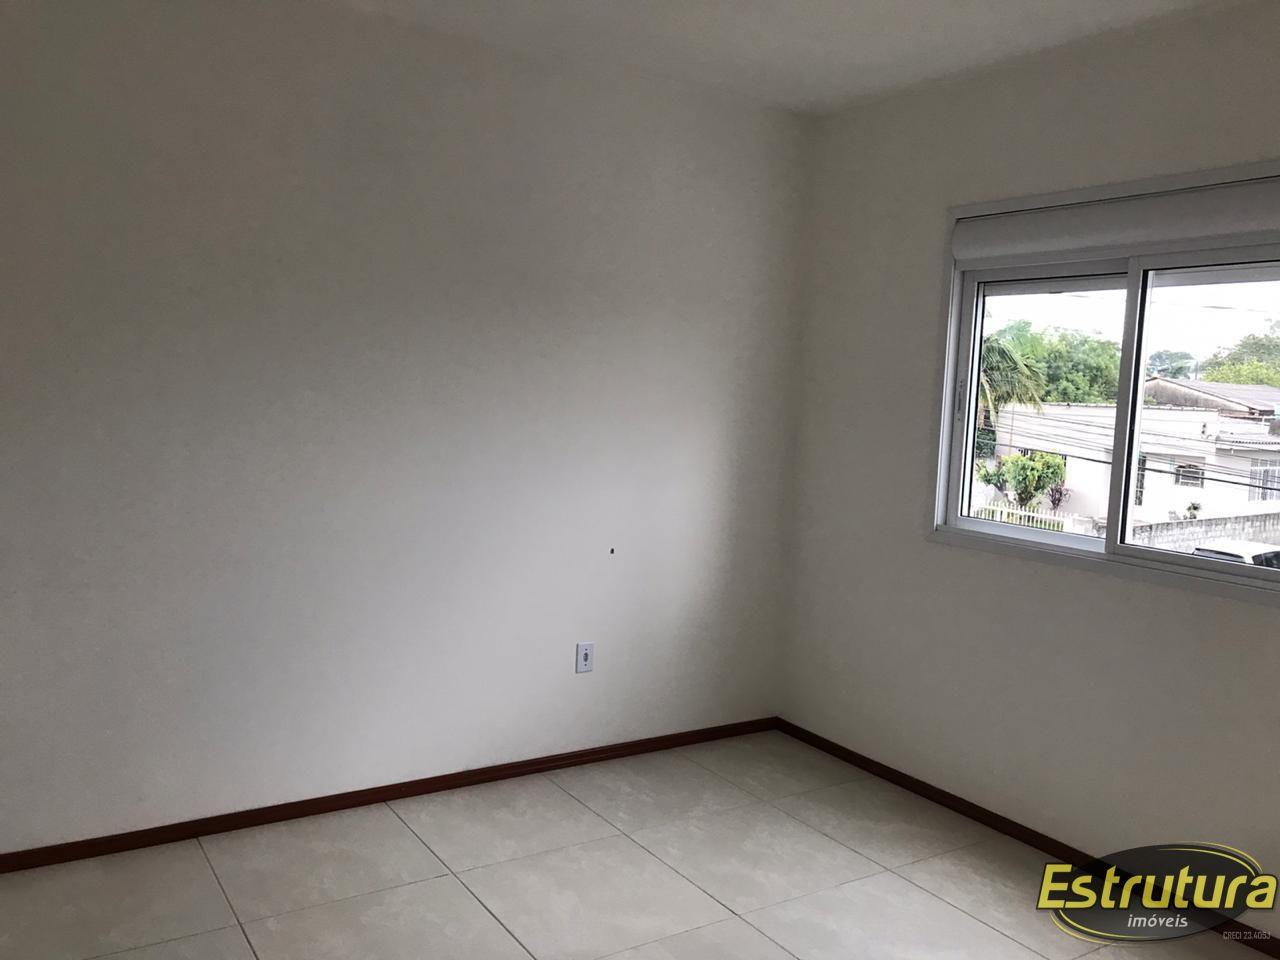 Apartamento com 2 Dormitórios à venda, 56 m² por R$ 200.000,00